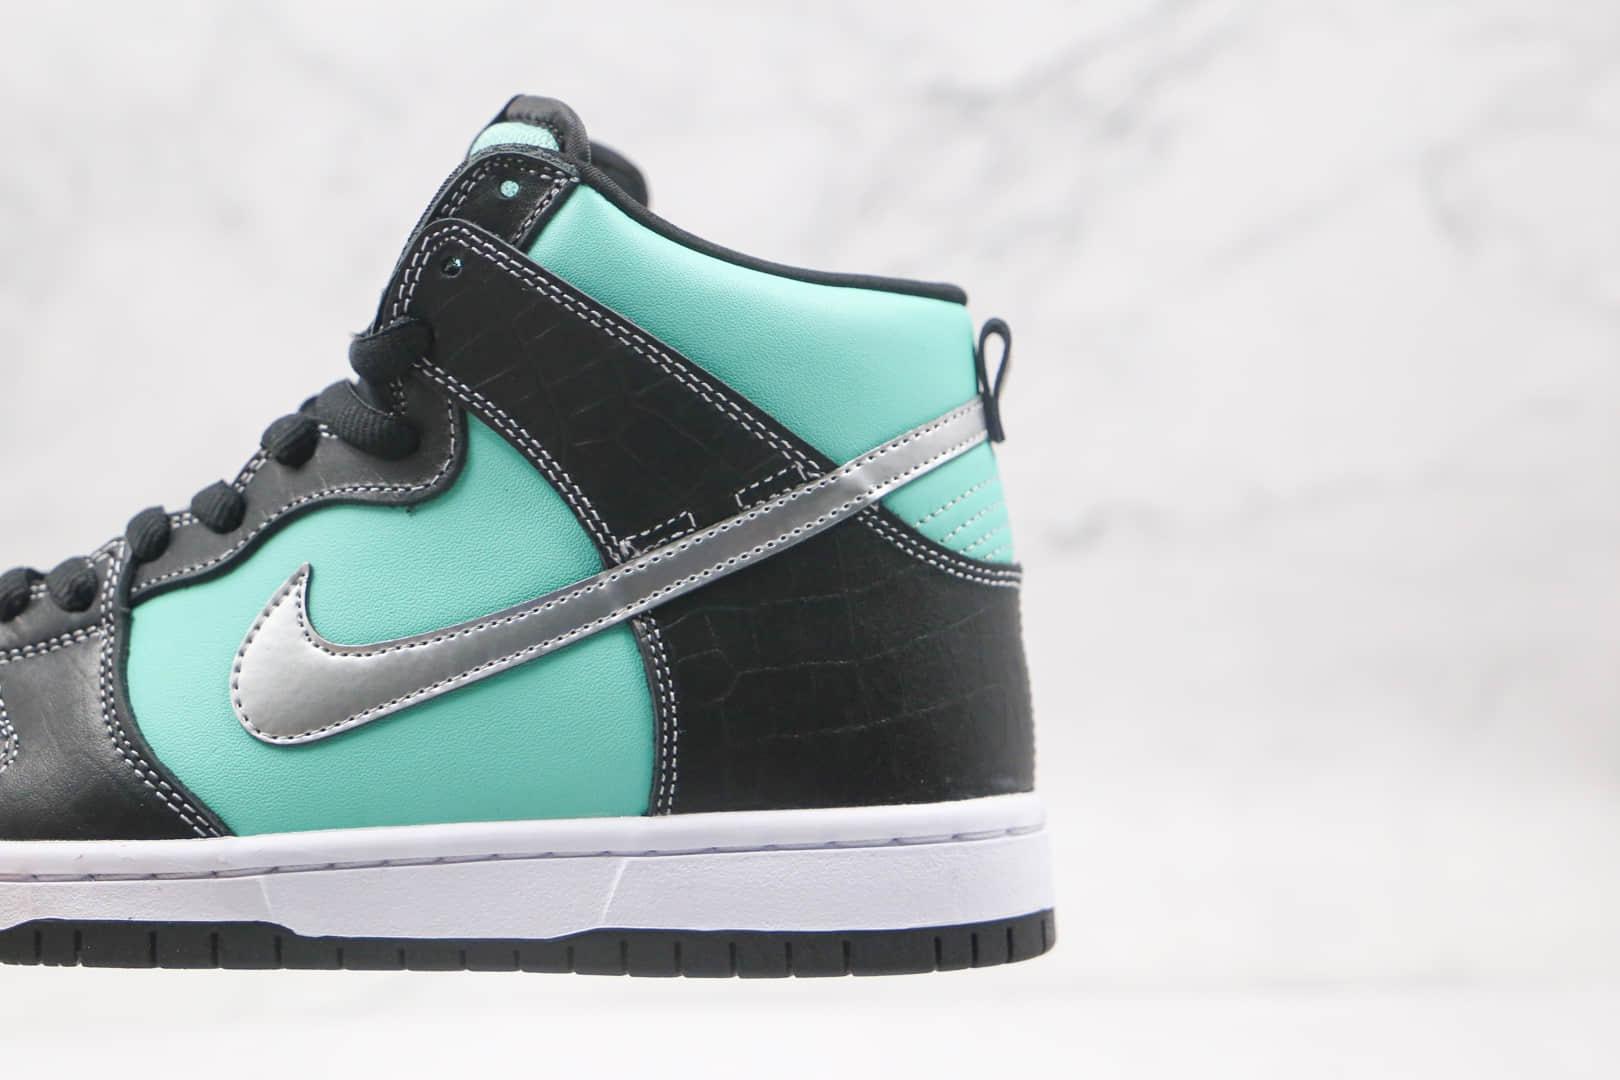 耐克Nike SB DUNK x Diamond Dunk Hi Tiffany联名款纯原版本高帮SB DUNK黑蓝银钩板鞋原鞋开模一比一打造 货号:653599-400